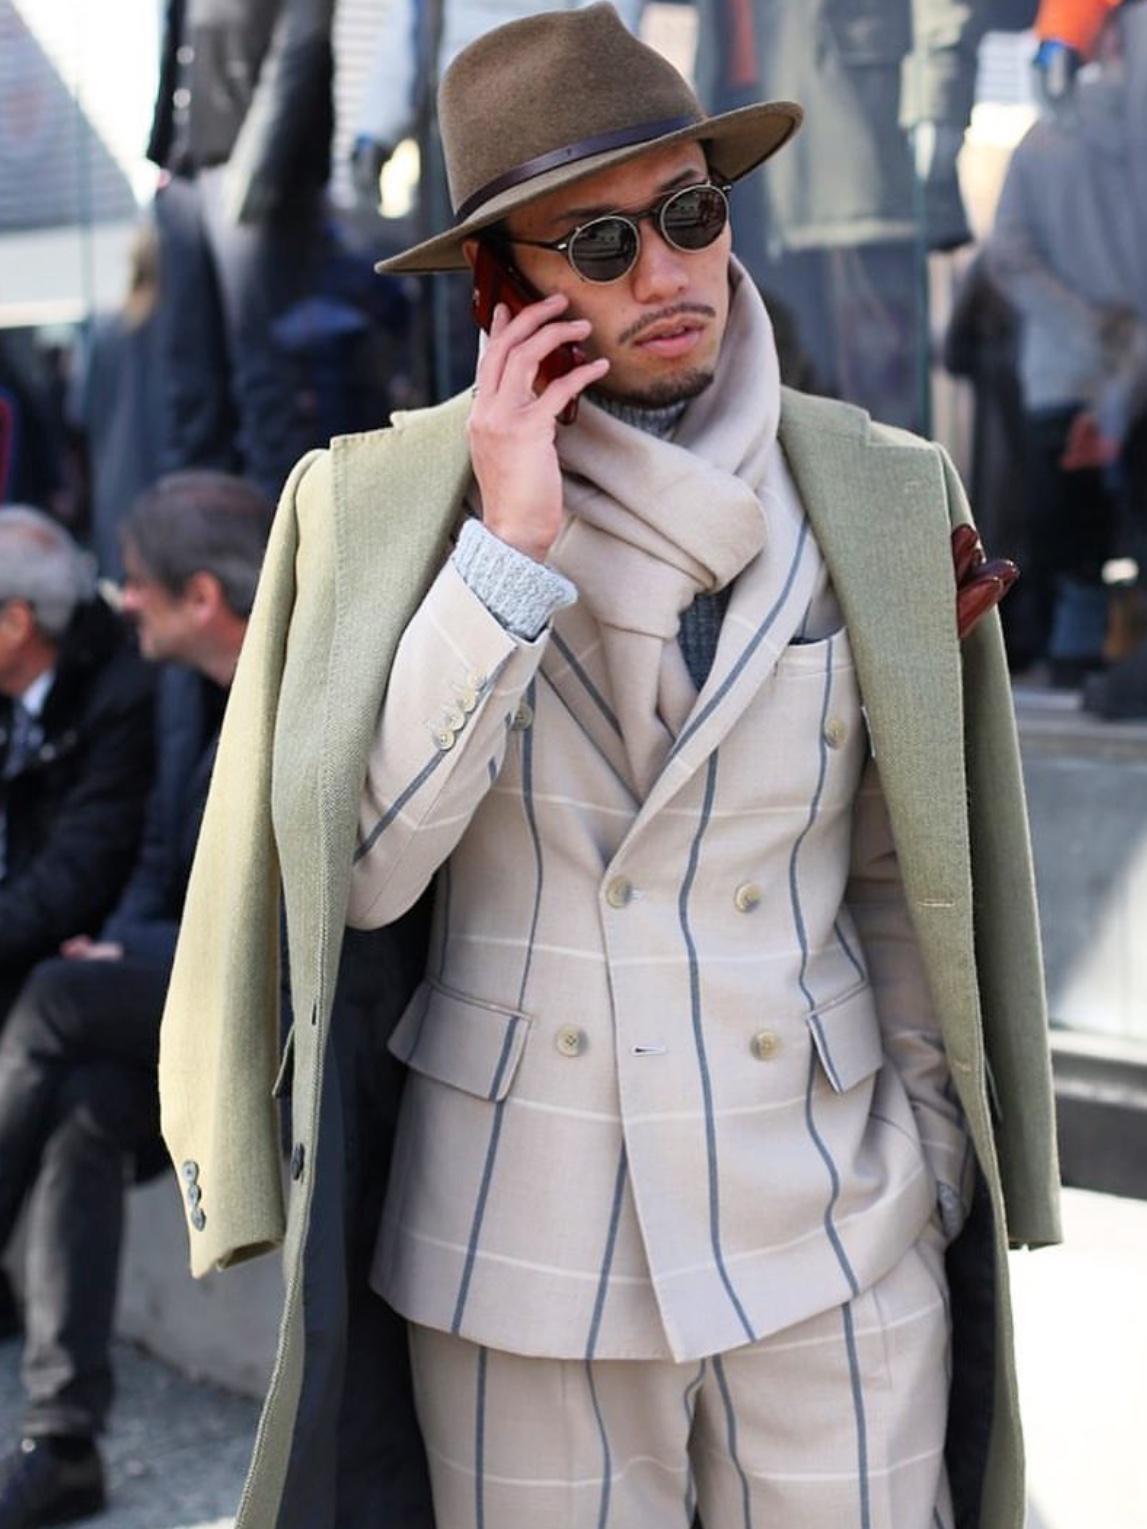 Pitti streetstyle: sage green overcoat